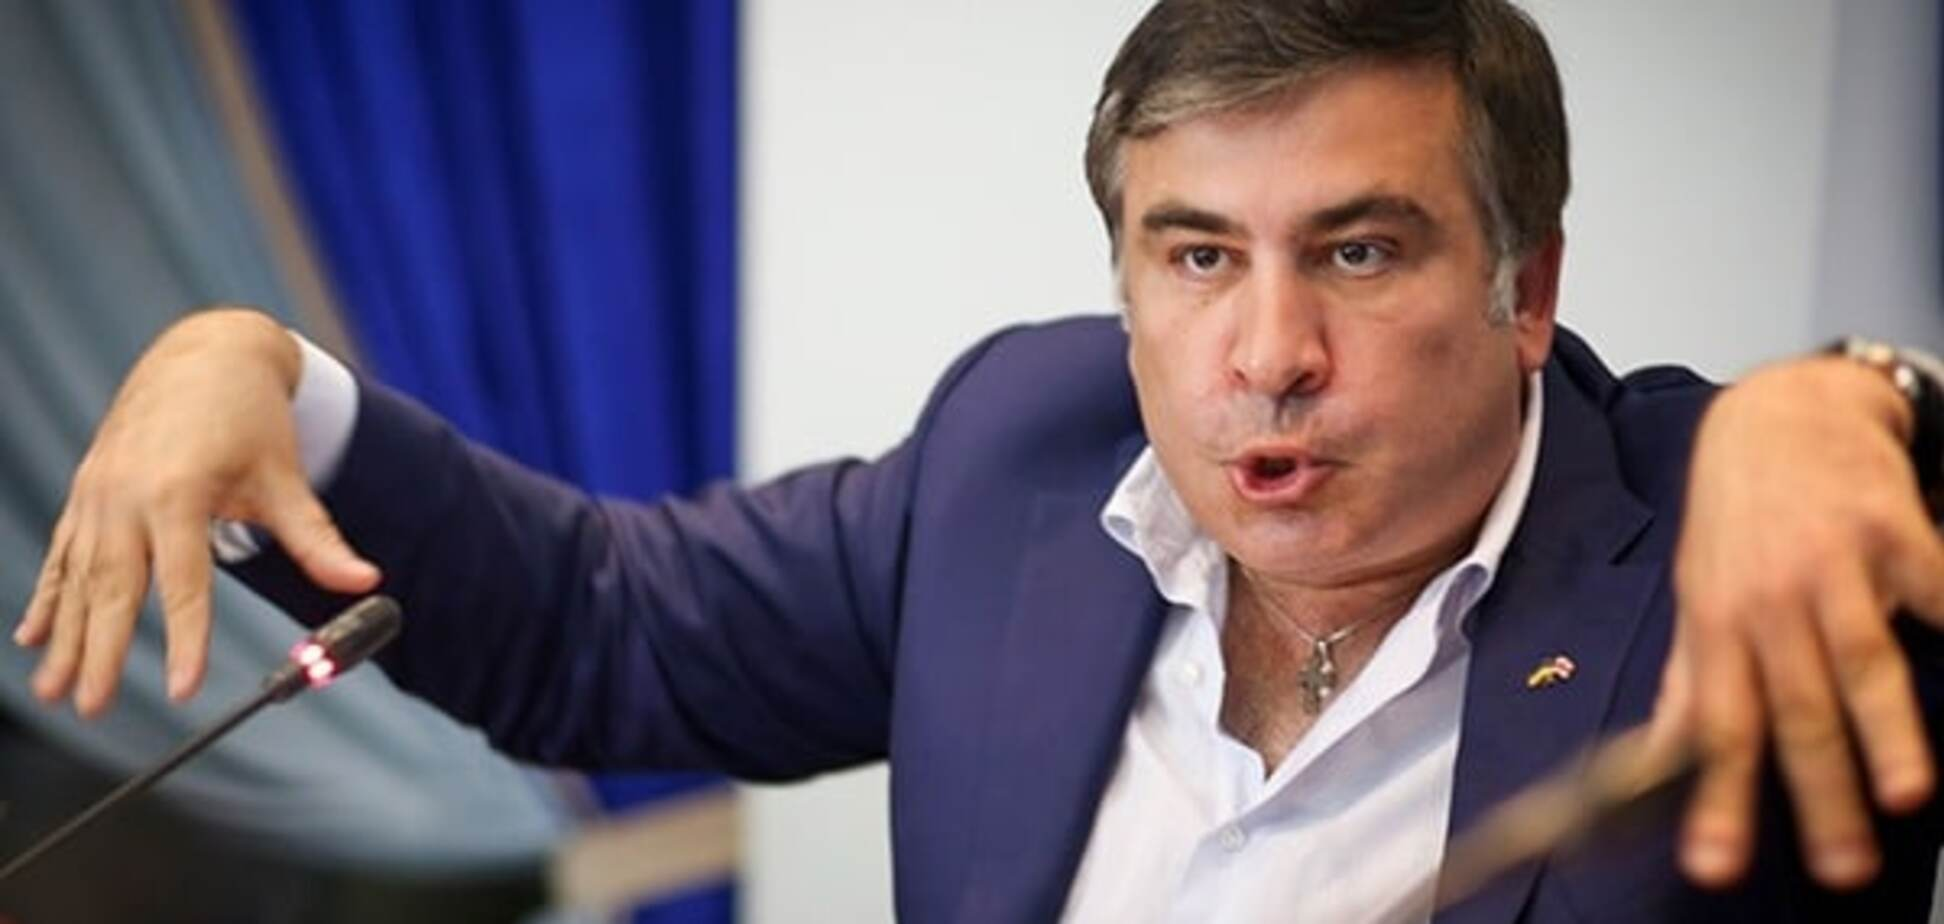 А есть ли виза? Саакашвили запутался со своим ответом Путину: фотофакт